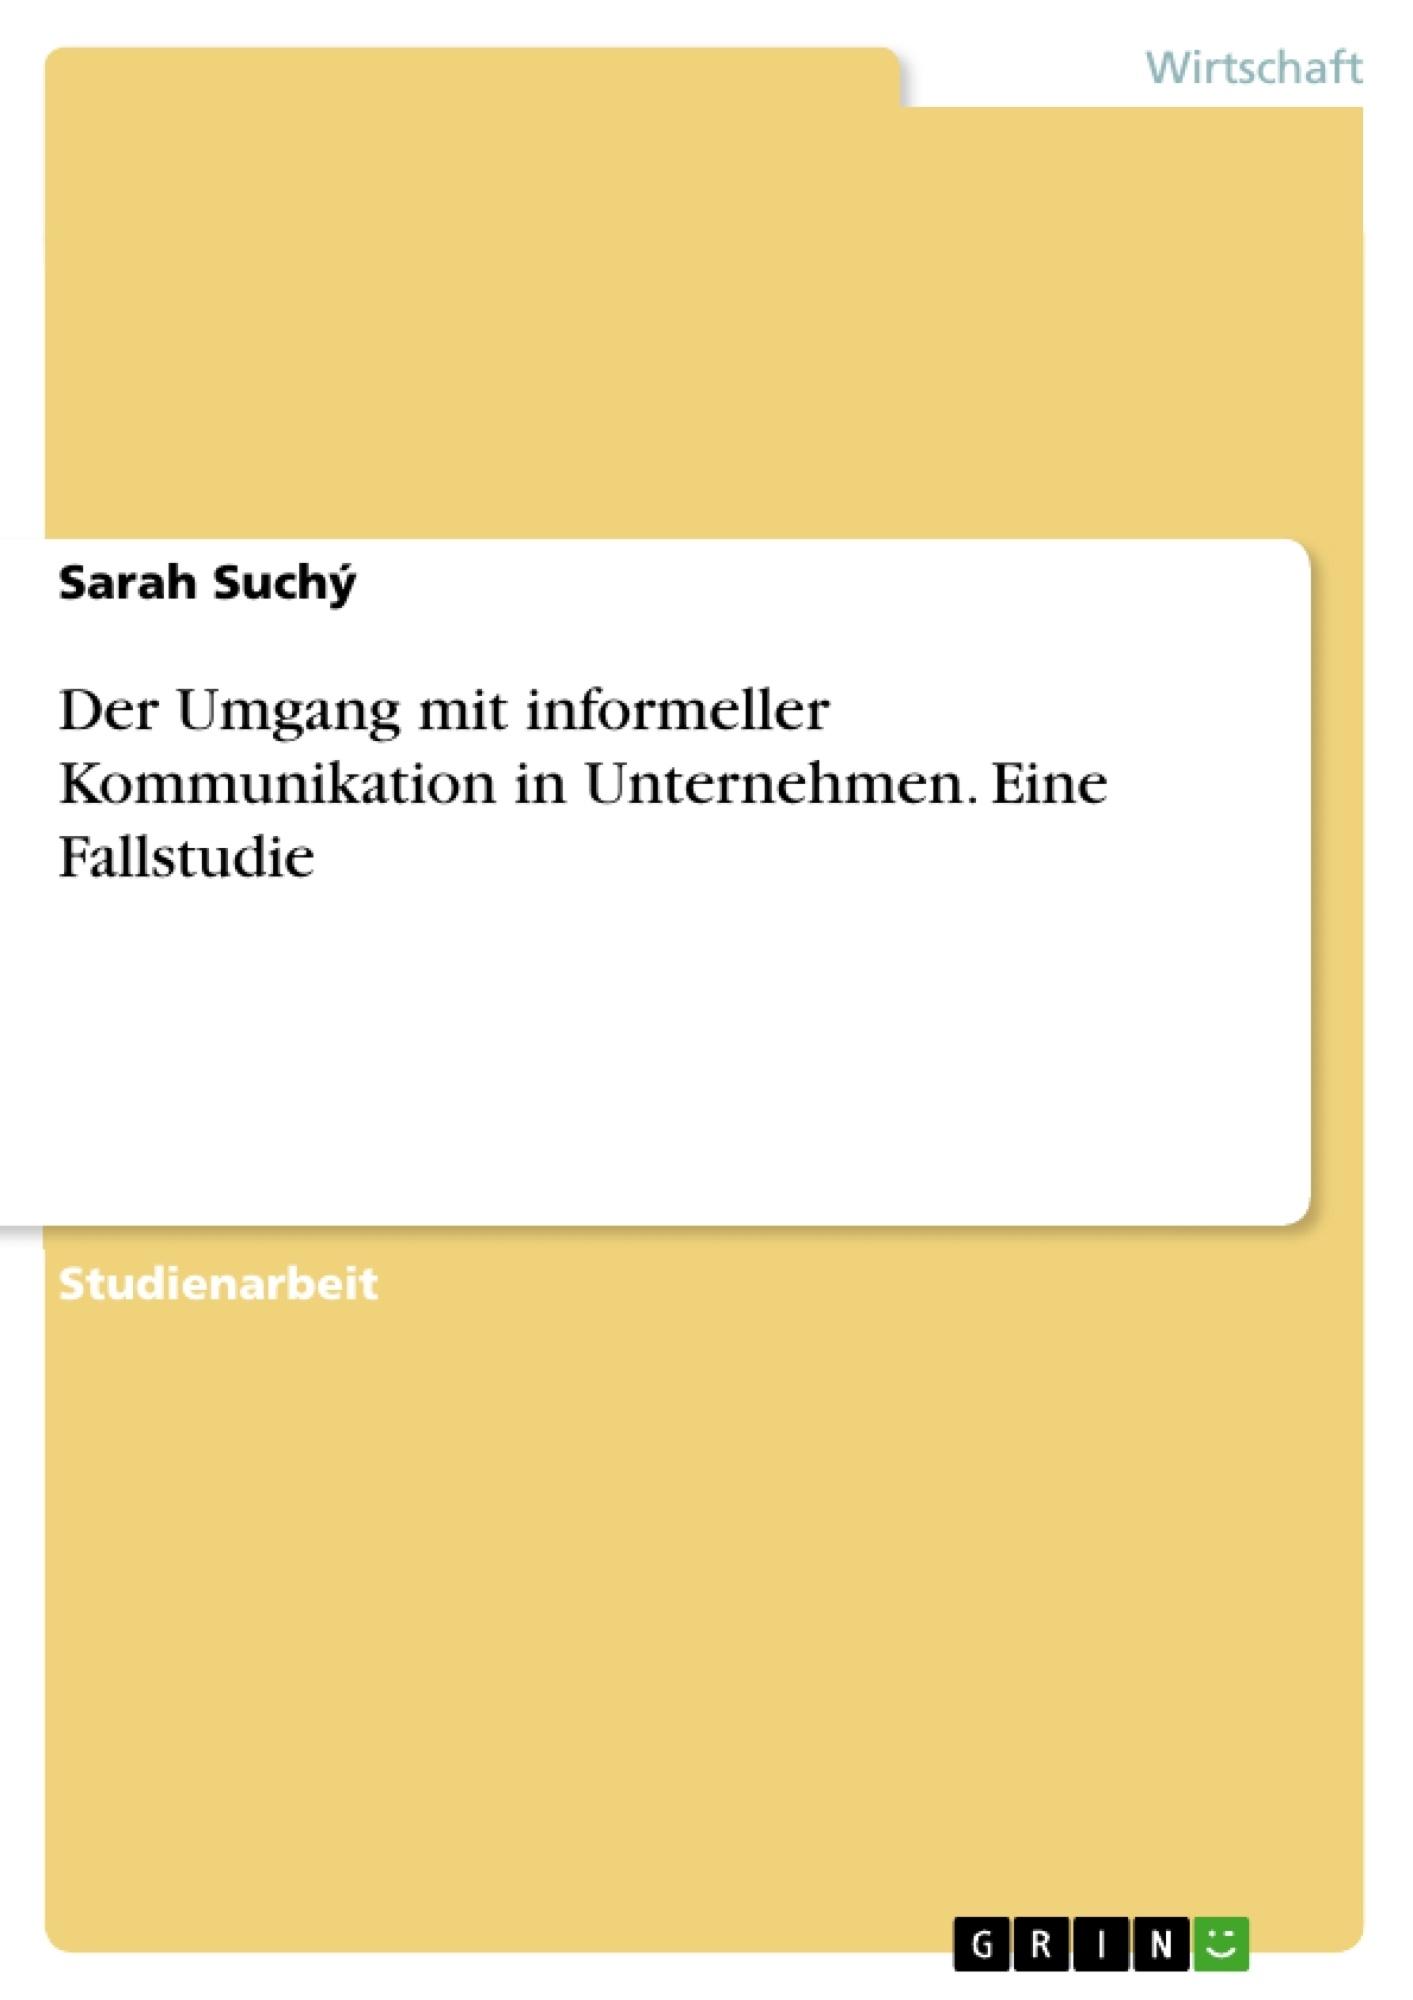 Titel: Der Umgang mit informeller Kommunikation in Unternehmen. Eine Fallstudie